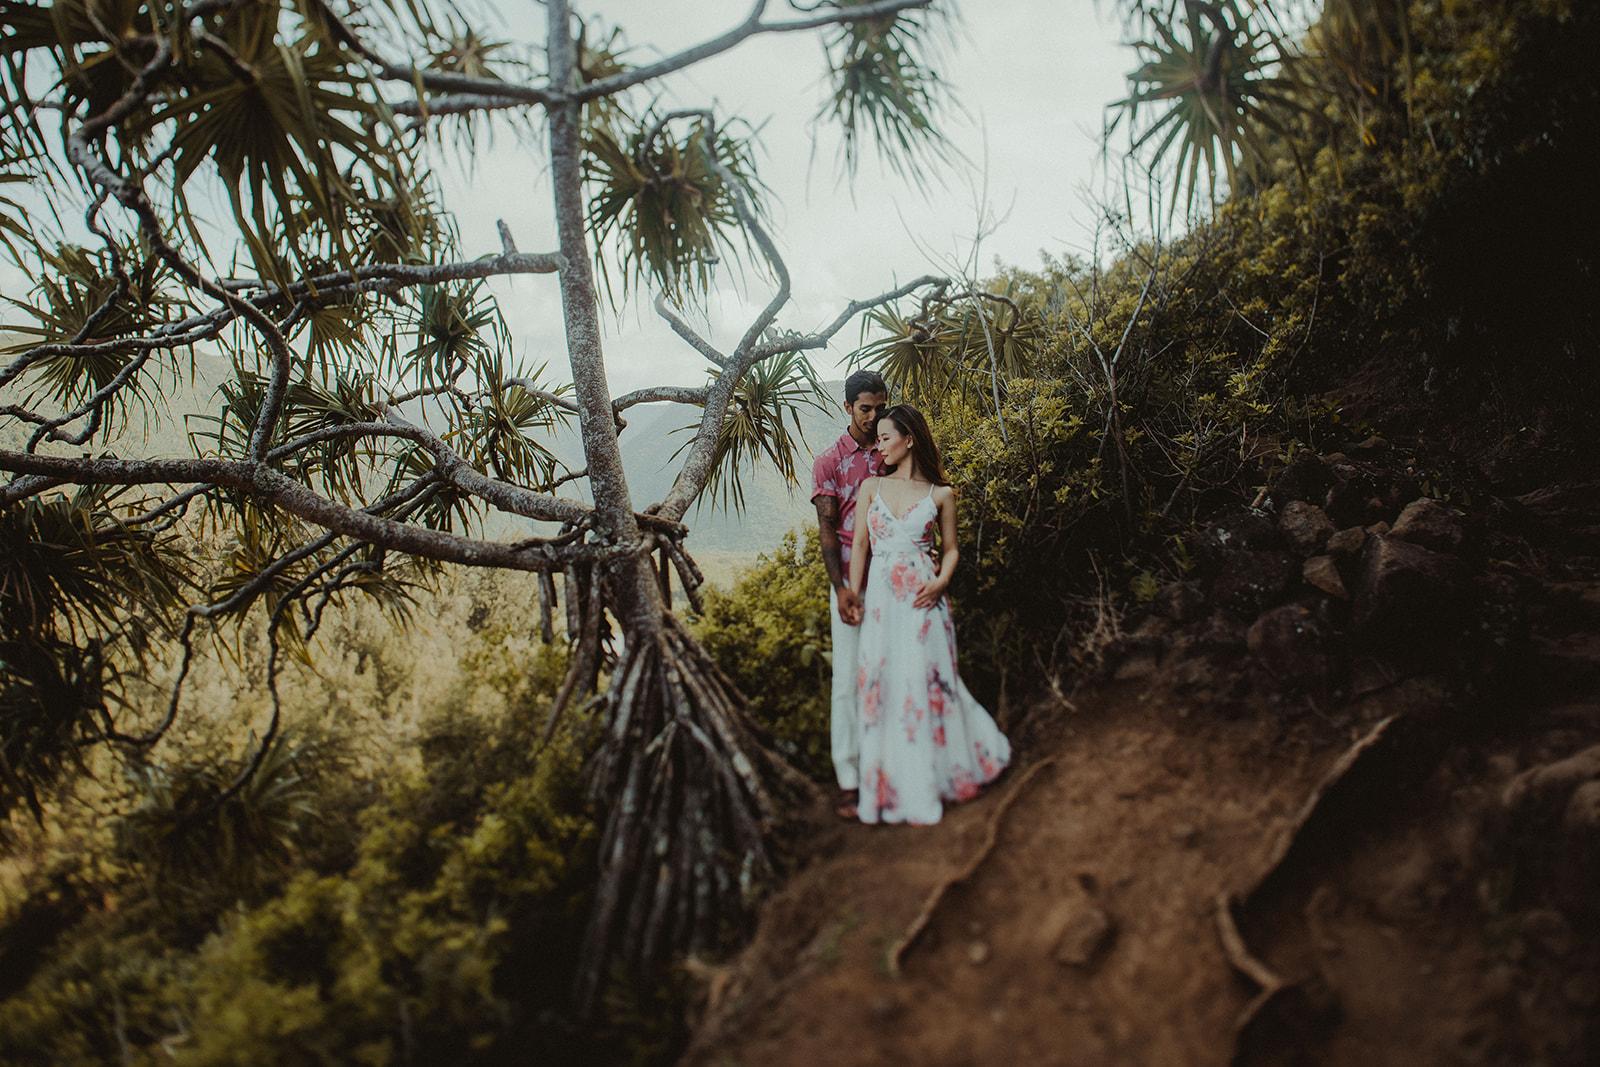 pololu valley, hawaii, big island, hawaii vacation, hawaii vacation package, hawaii wedding, big island elopement, hawaii wedding packages, hawaiian wedding, getting marriend in hawaii, hawaii beach wedding, hawaii elopement package, elope in hawaii, big island photographer, hawaii wedding photographer